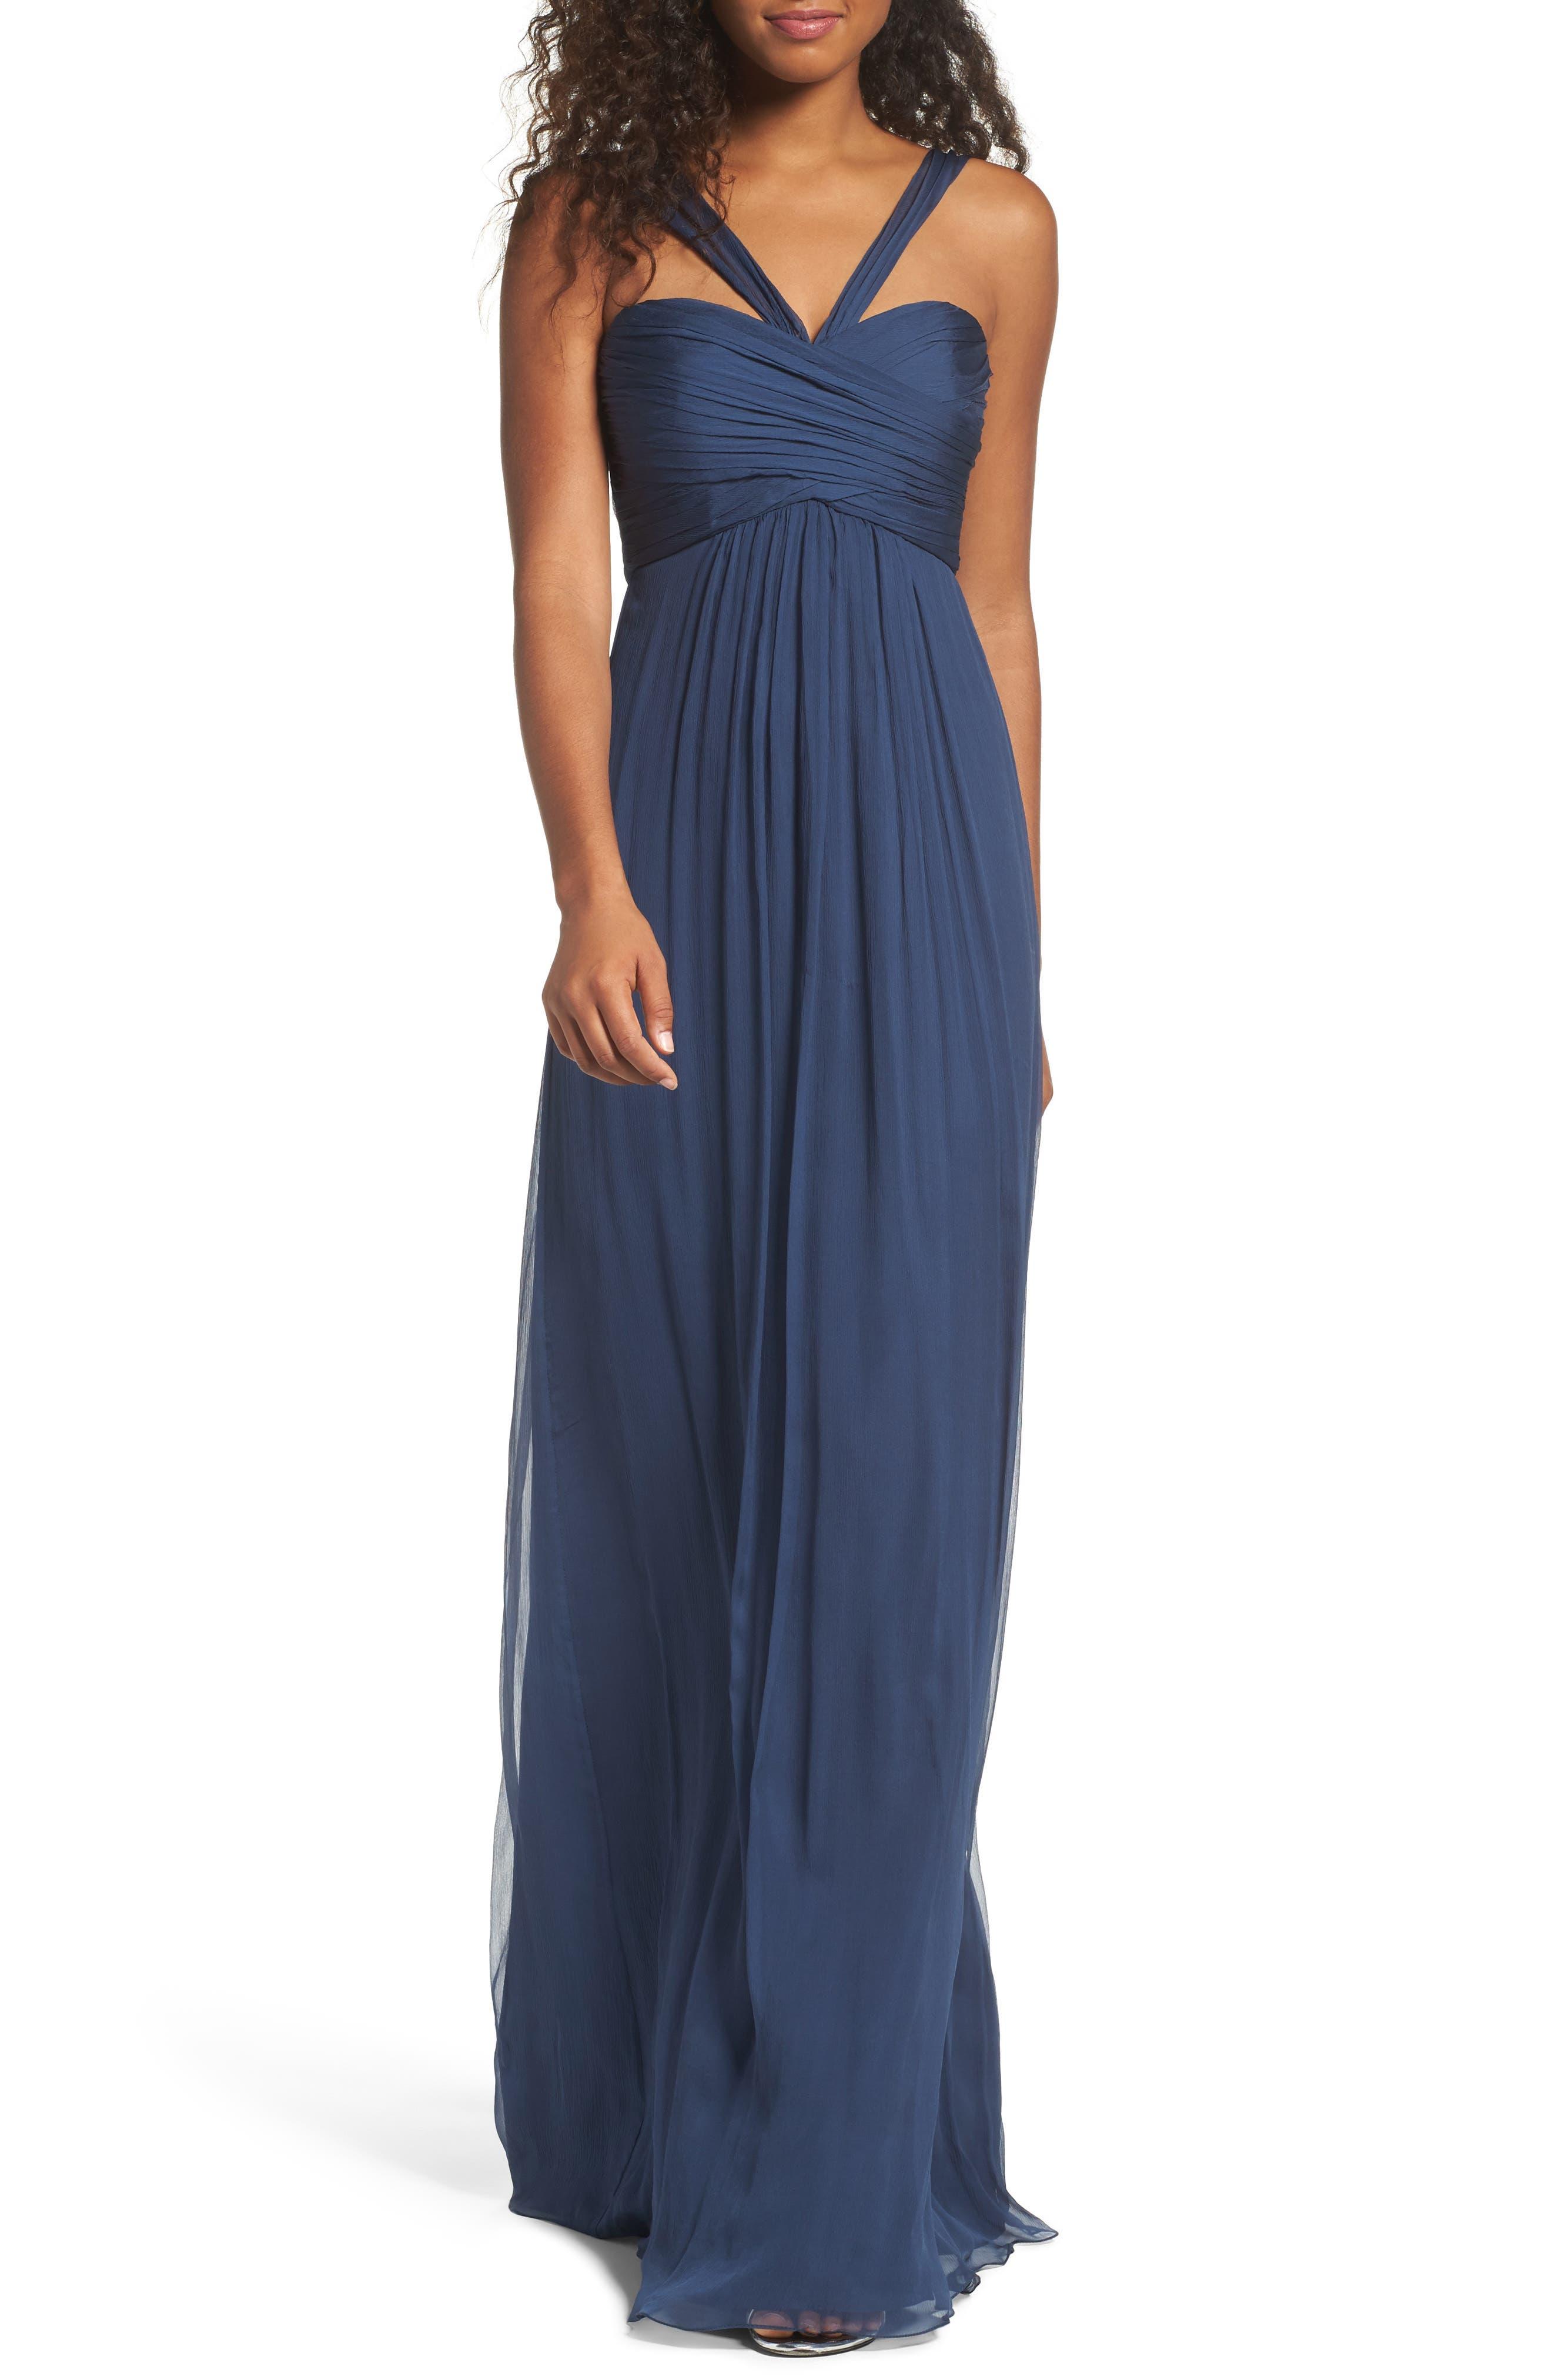 Amsale Corbin Crinkled Chiffon Empire Gown